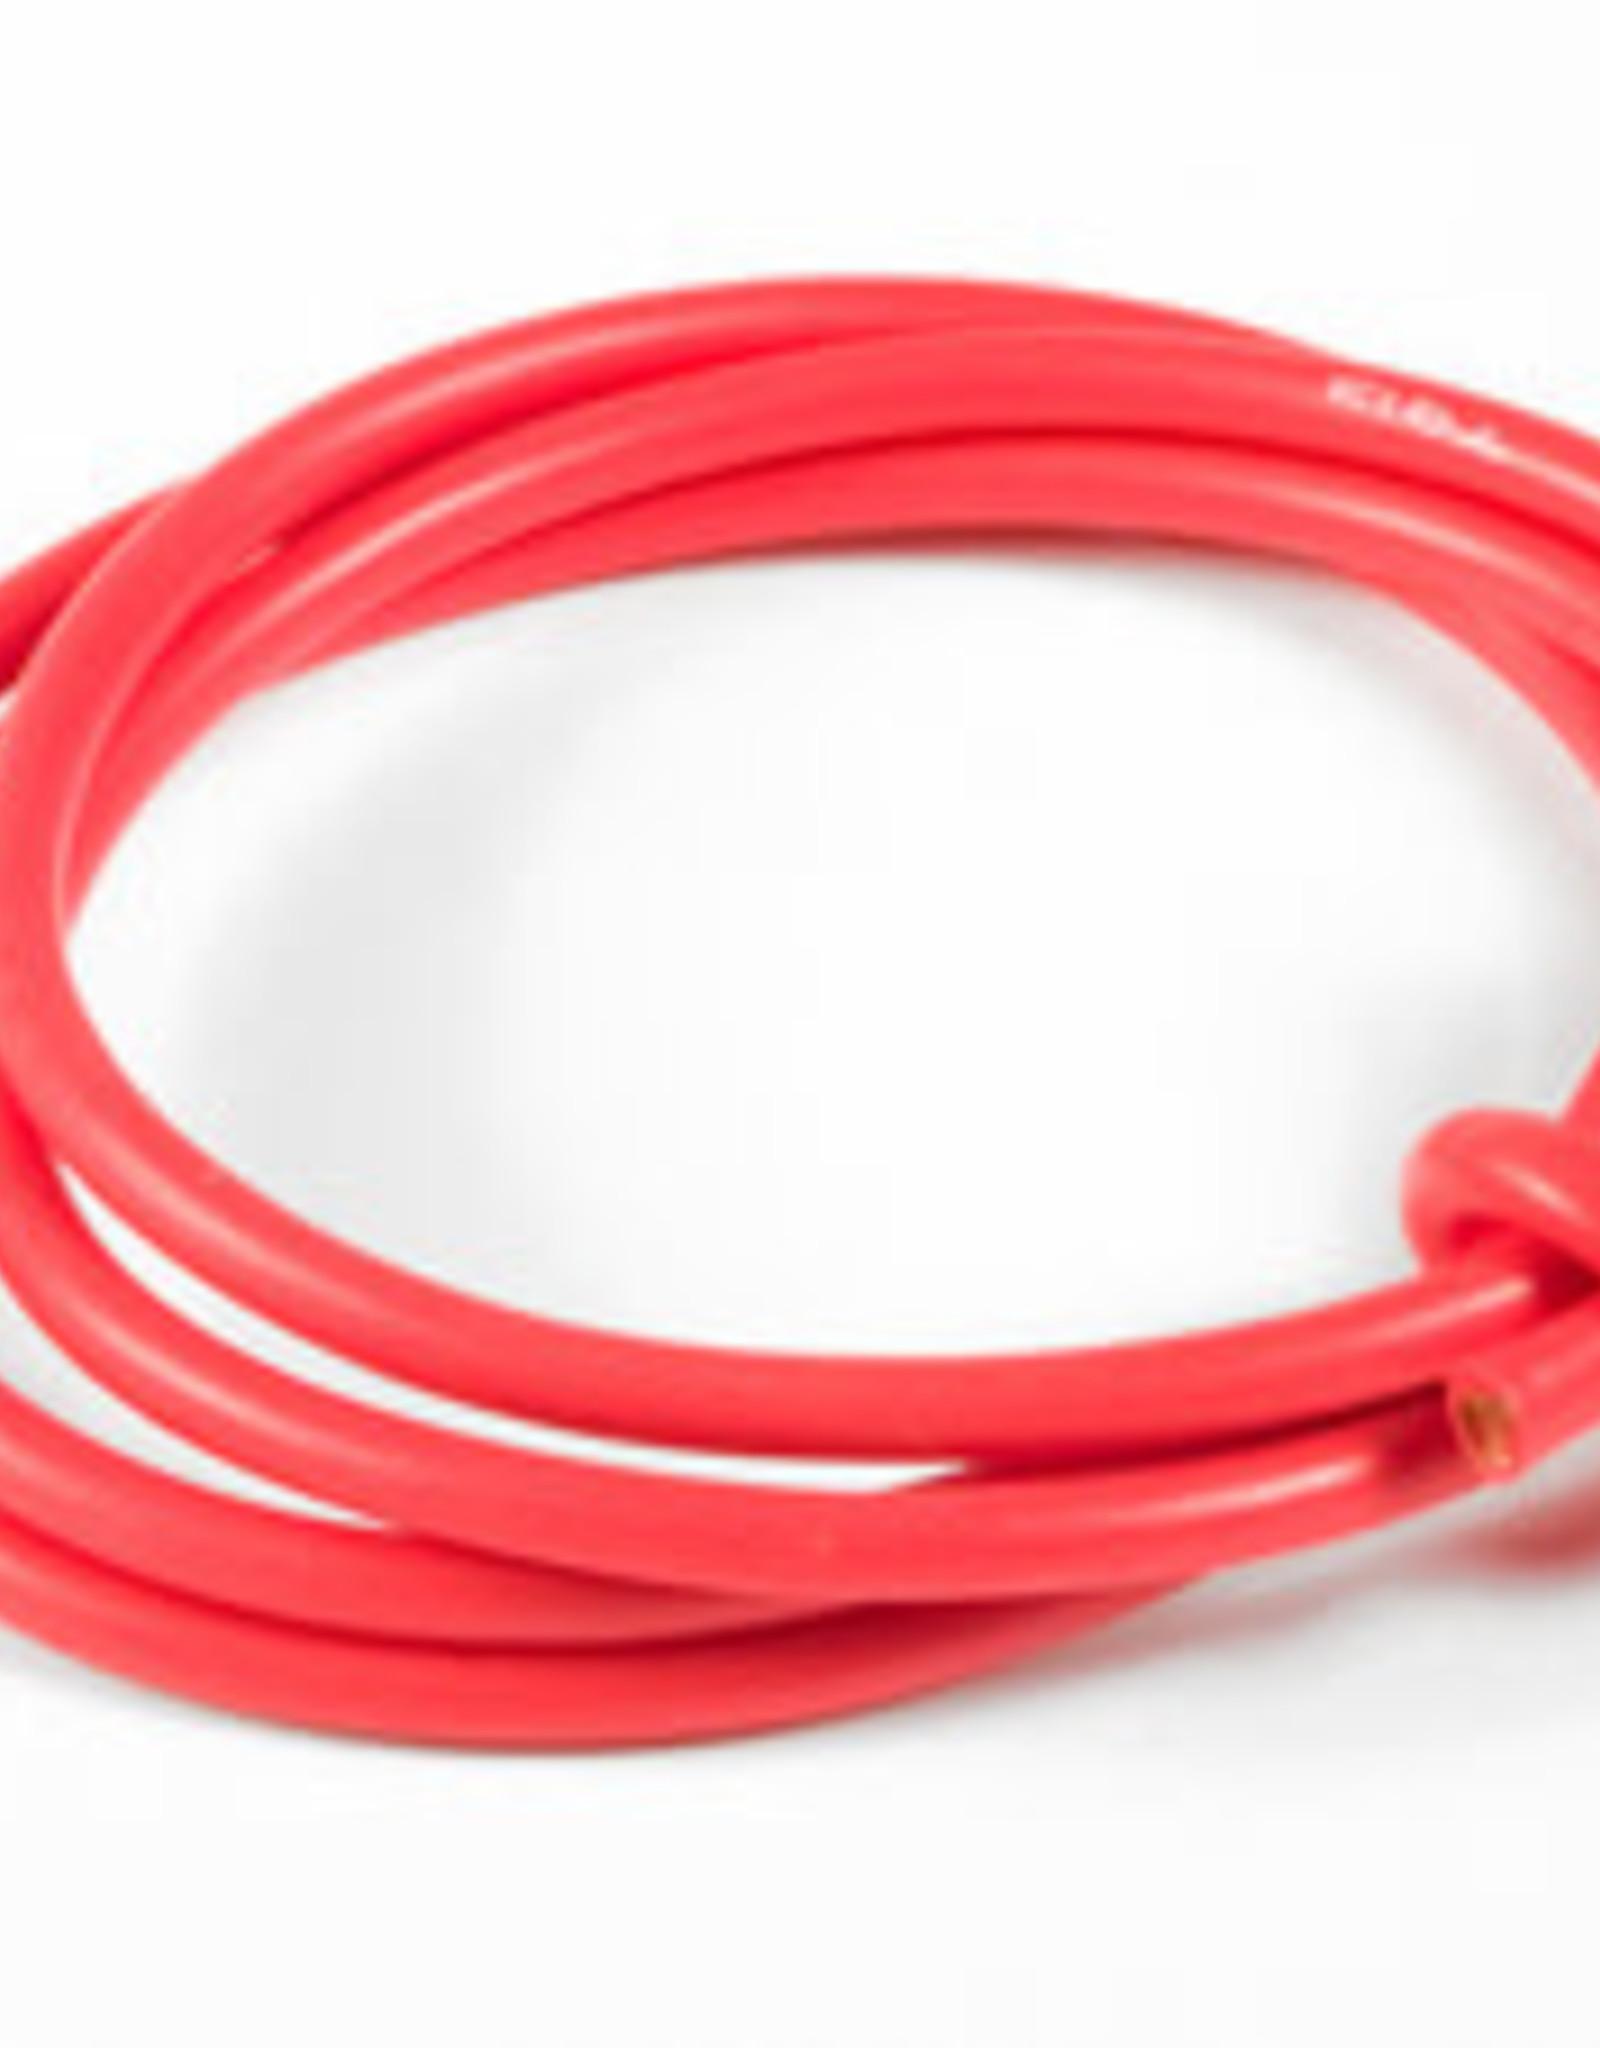 TQ Racing 13 Gauge Super Flexible Wire- Red 3'